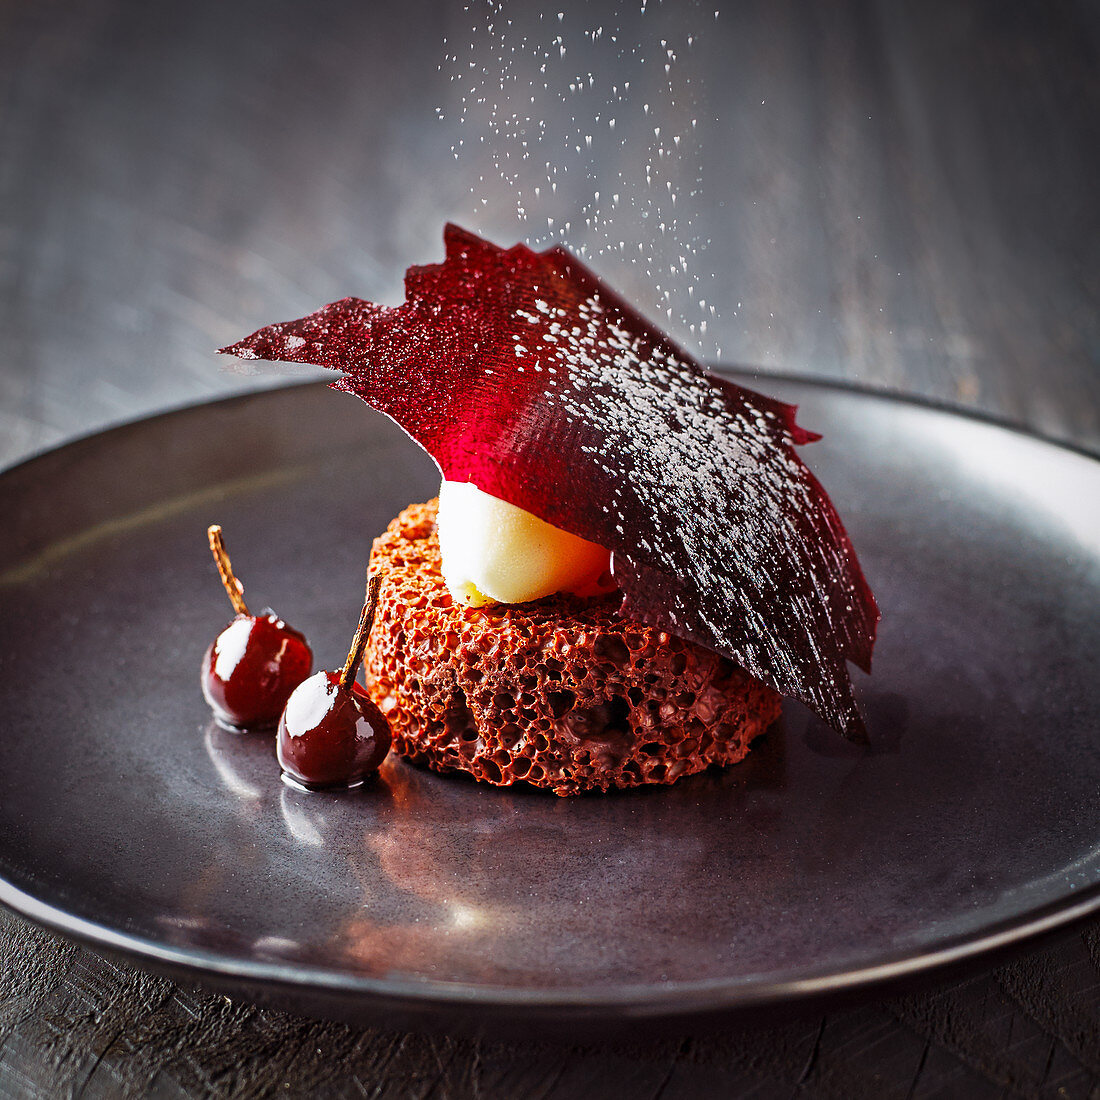 Valrhona chocolate dessert with cherries and icing sugar